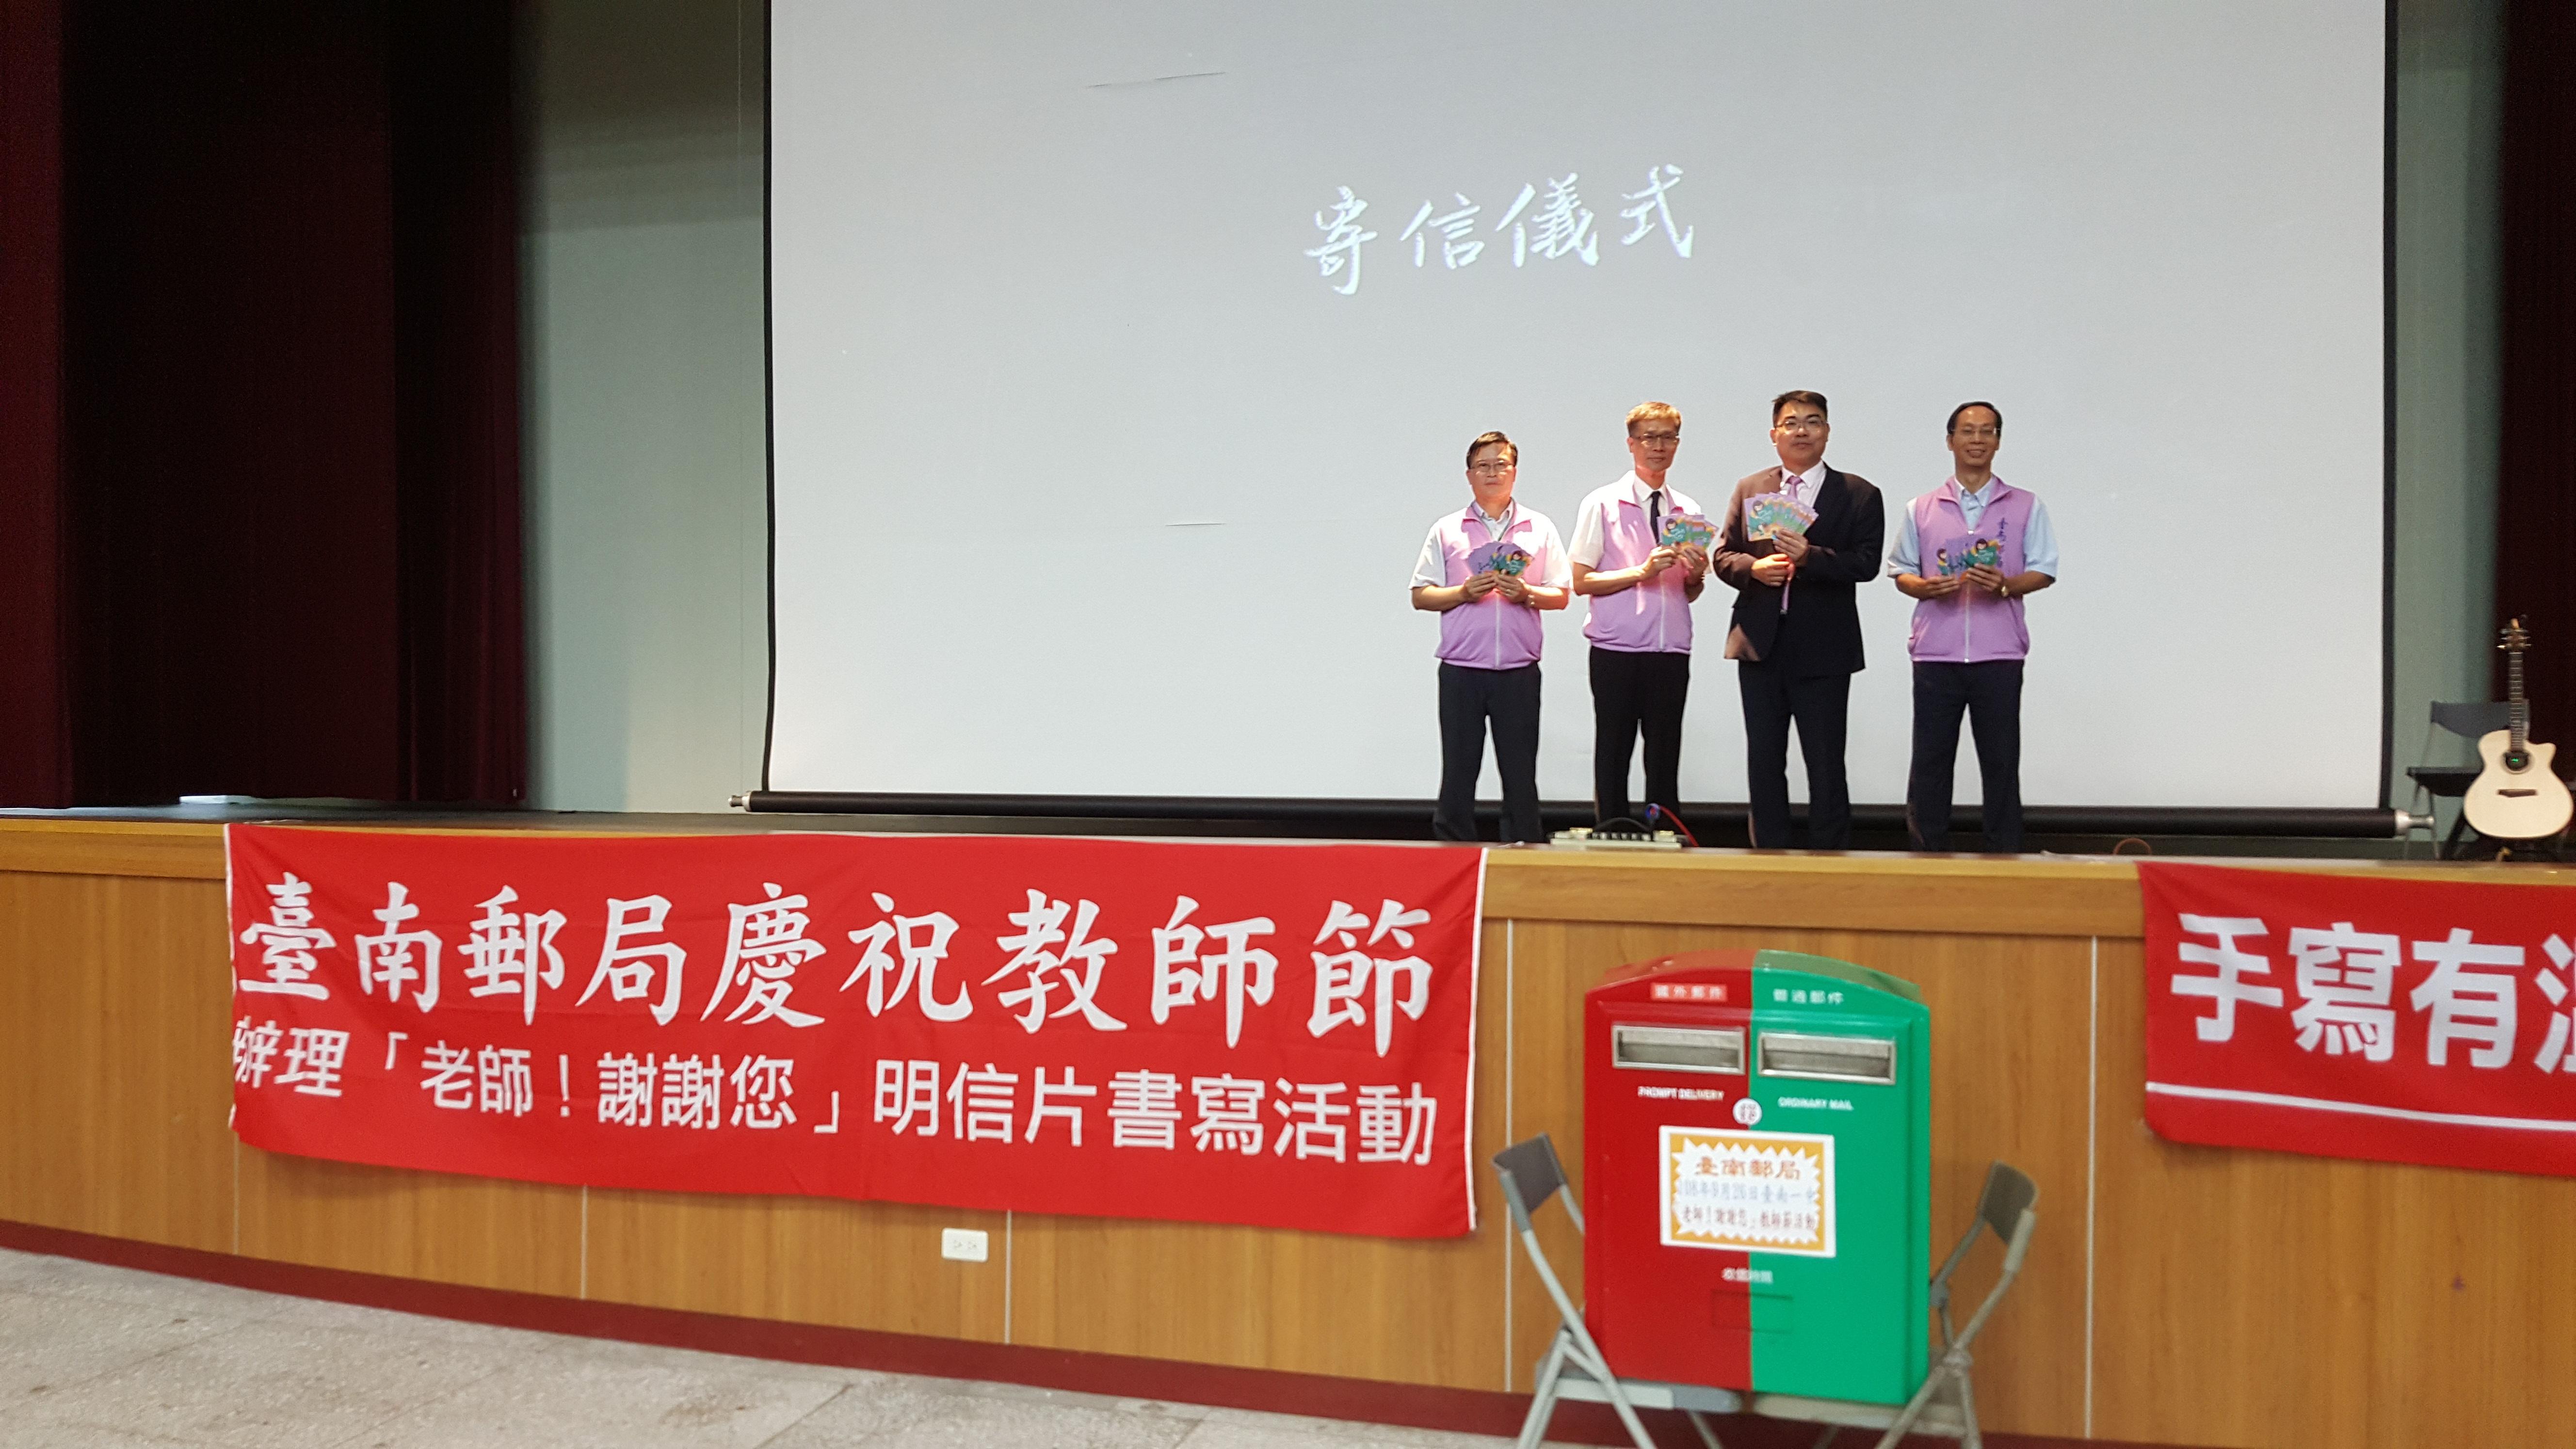 臺南郵局108年辦理「老師!謝謝您」教師節活動